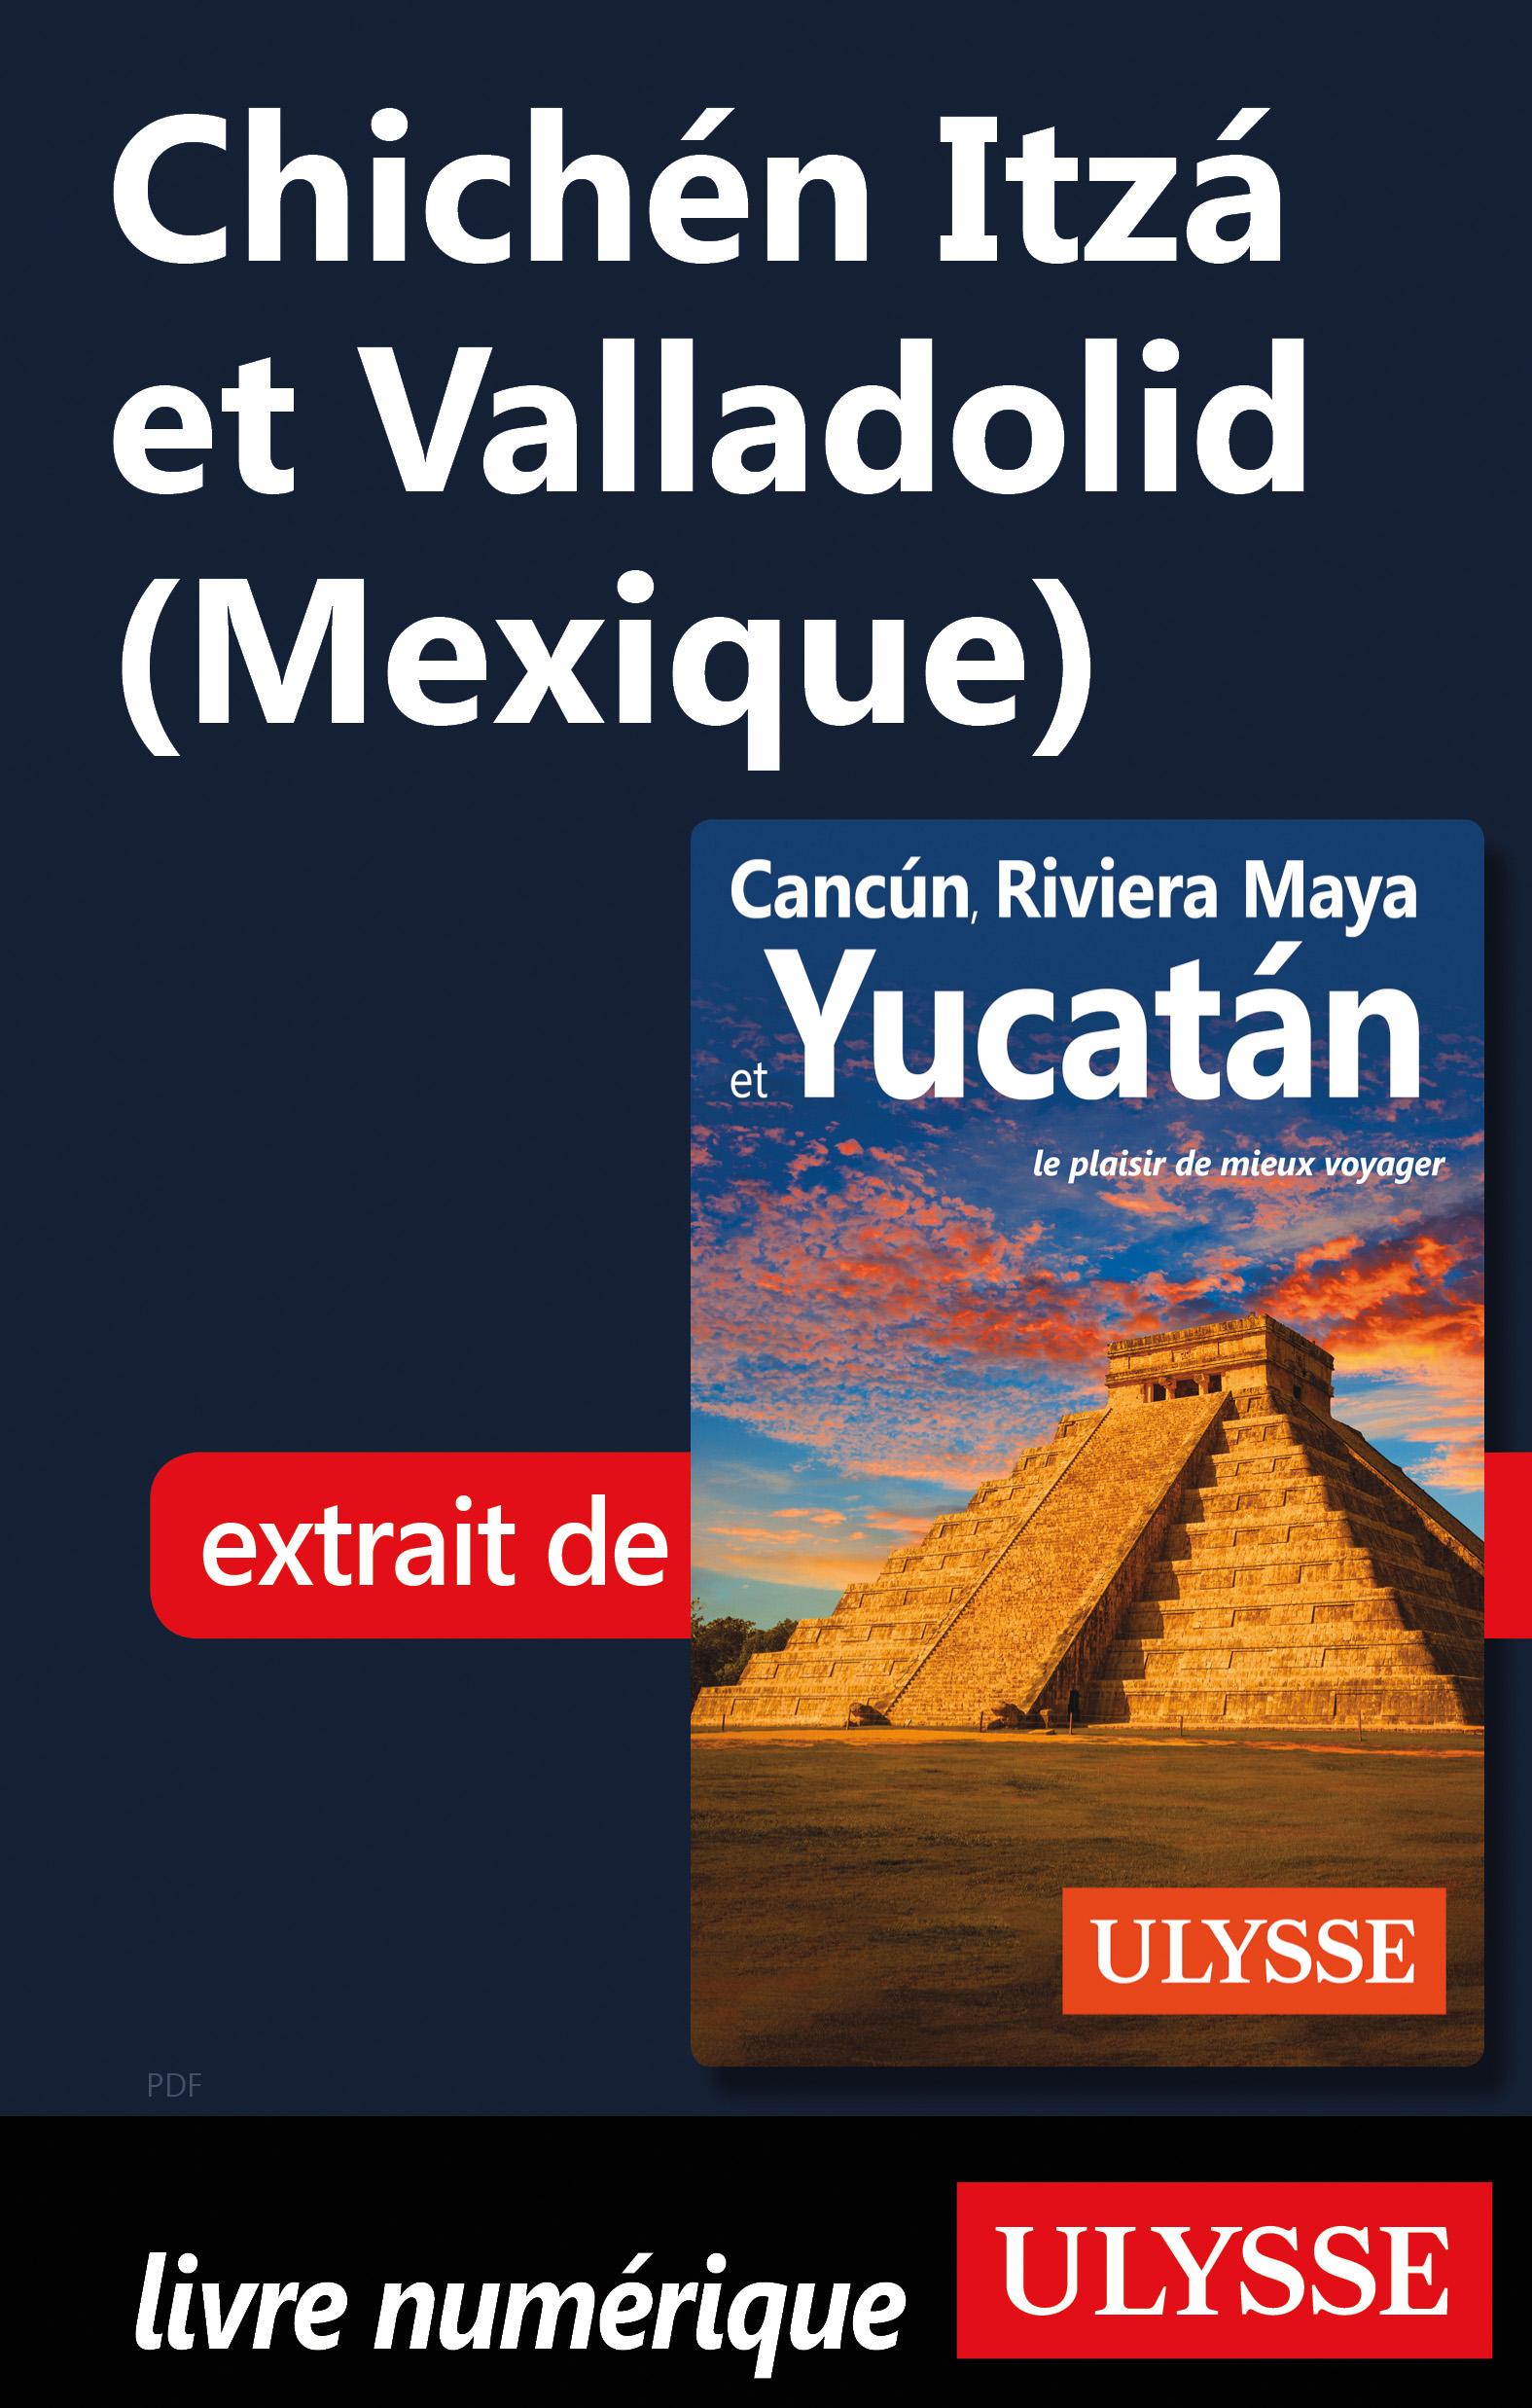 Chichén Itzá etValladolid ...